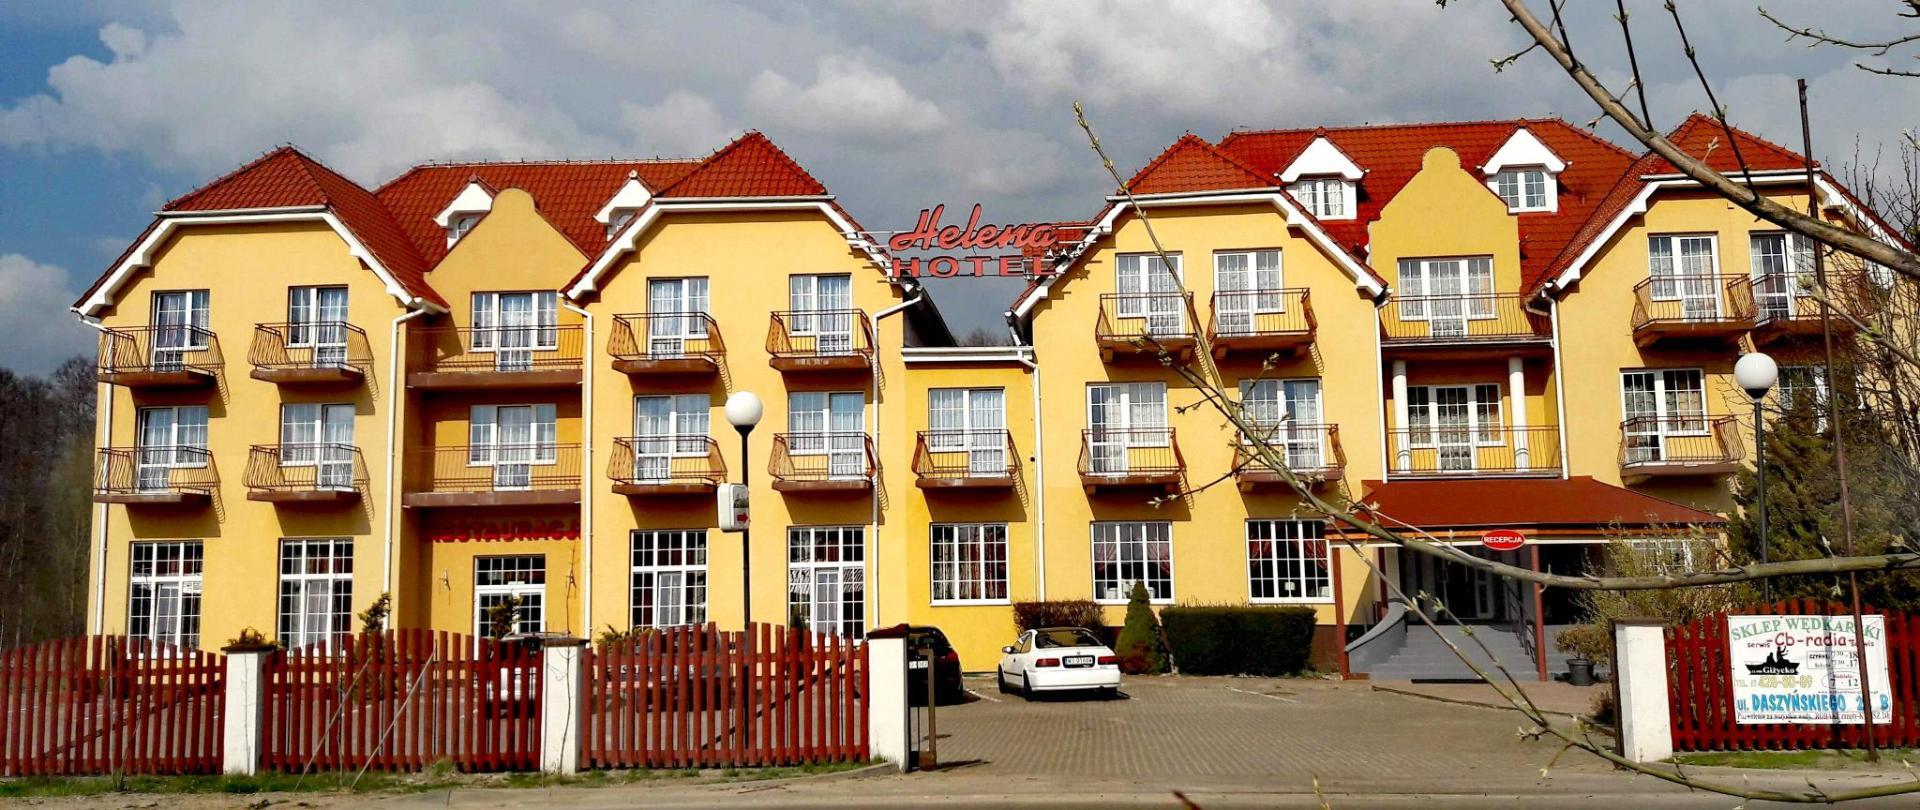 Zdjęcie hotel.jpg